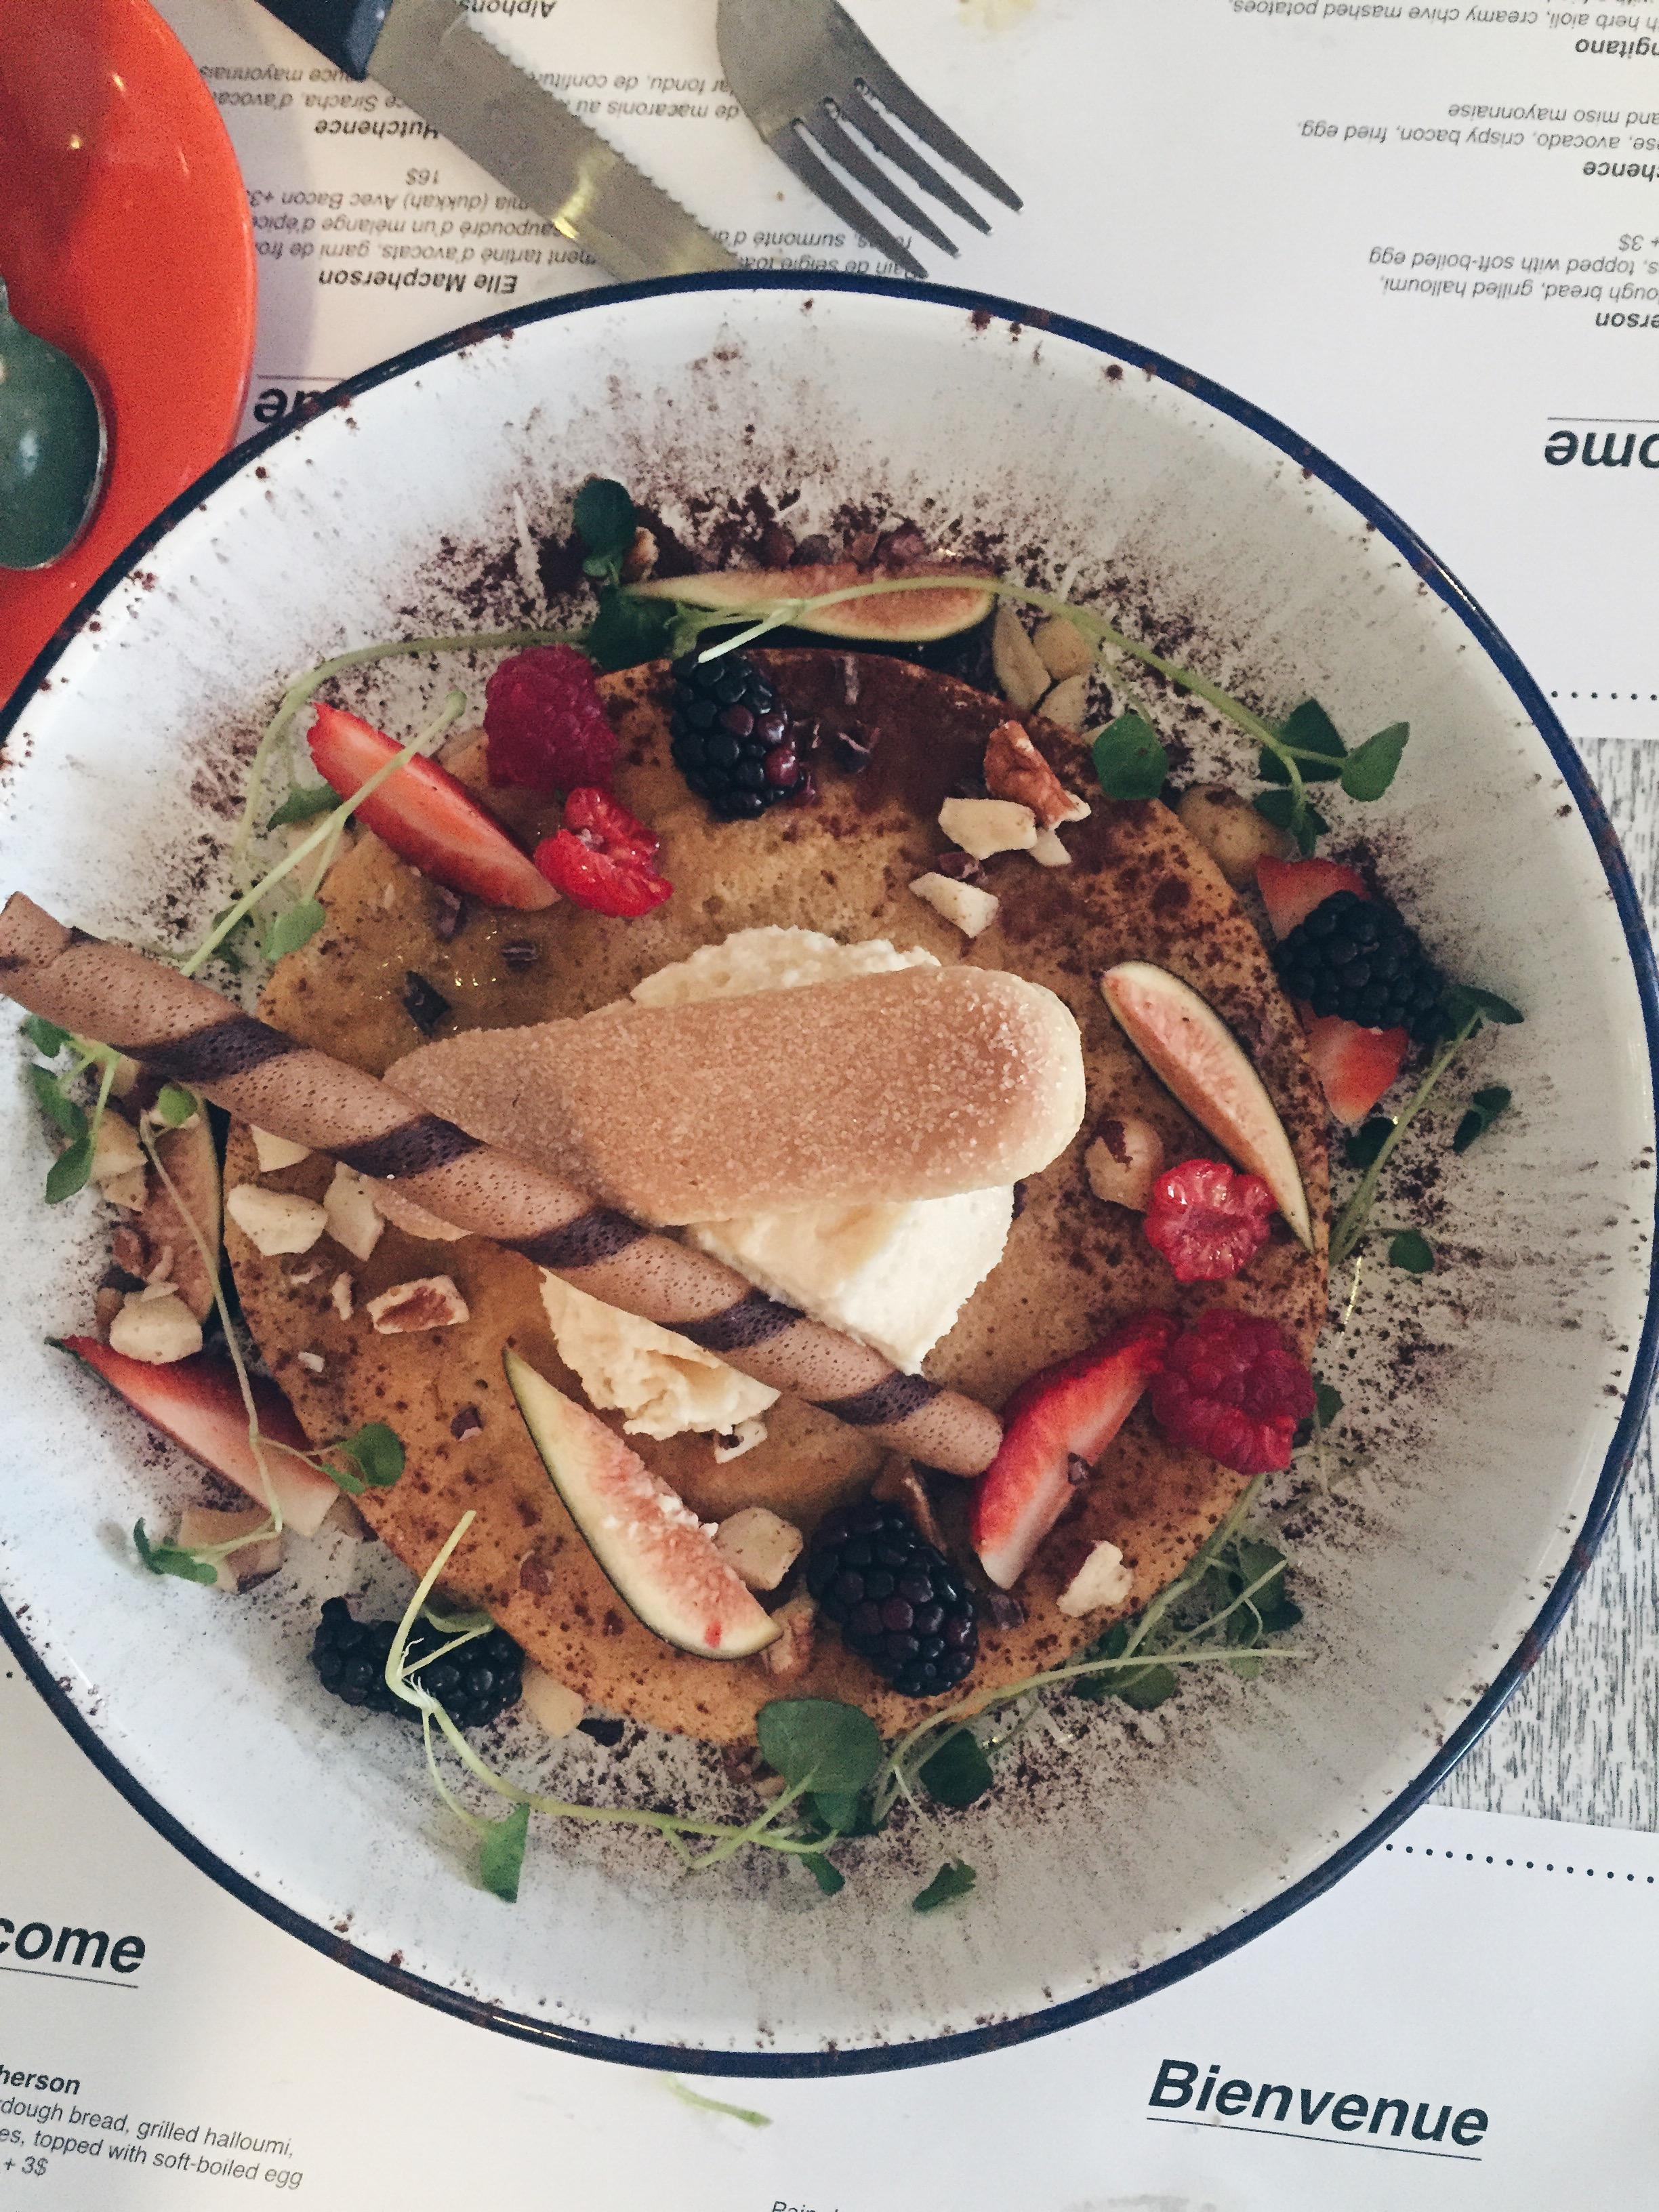 Melbourne Café. Crédit photo : Lucia Ortega